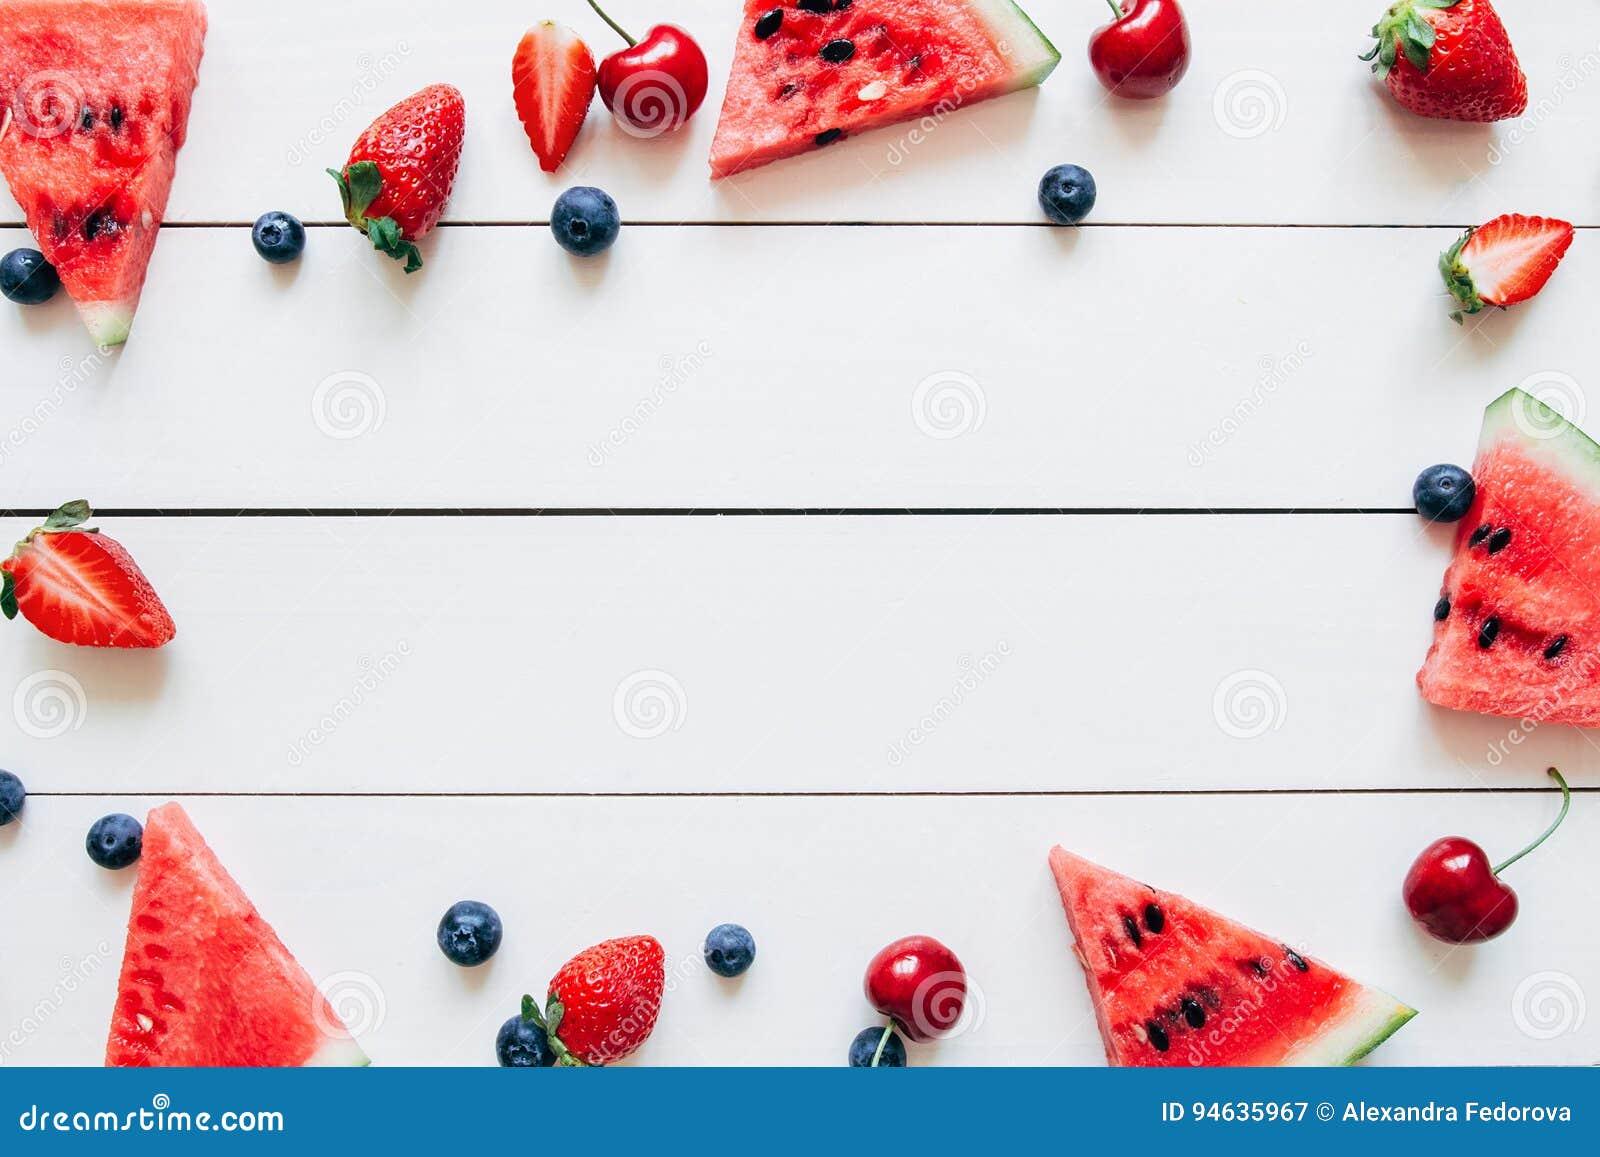 Sommer-Früchte Frische saftige Beeren und Wassermelone auf dem weißen Holztisch, Draufsicht